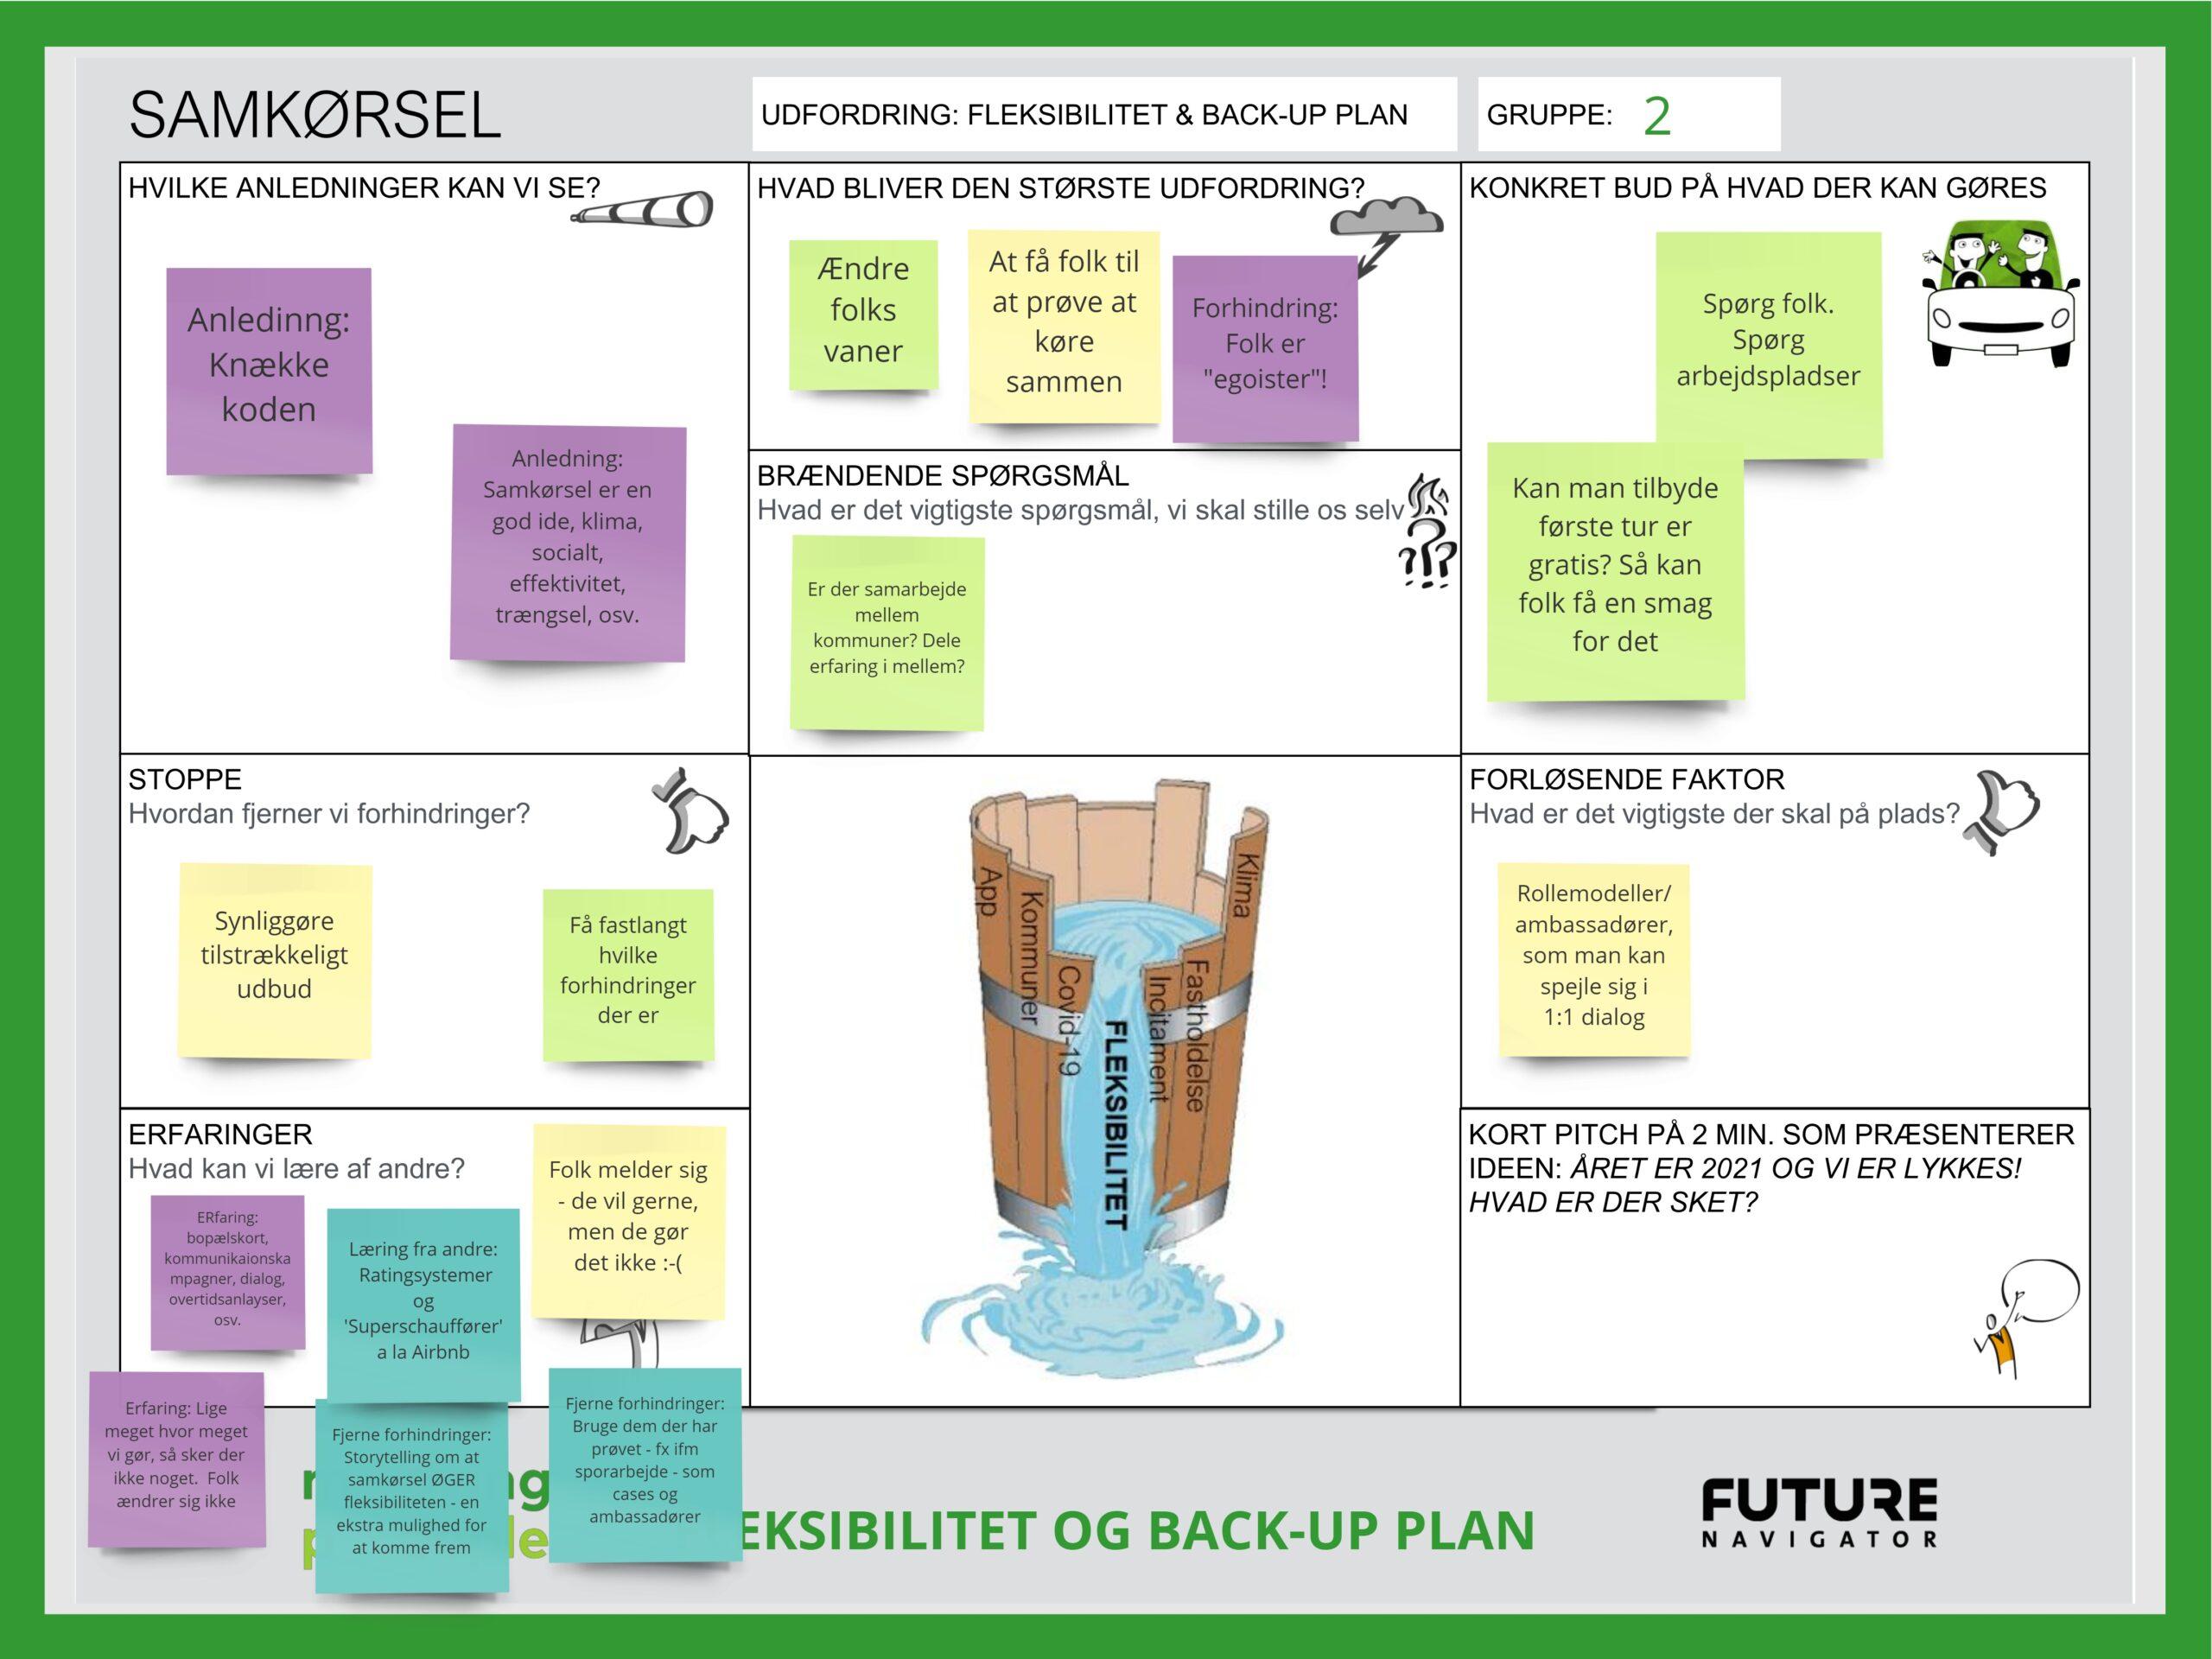 Gruppe 2 - Fleksibilitet og back-up plan - FLEKSIBILITET OG BACK-UP PLAN